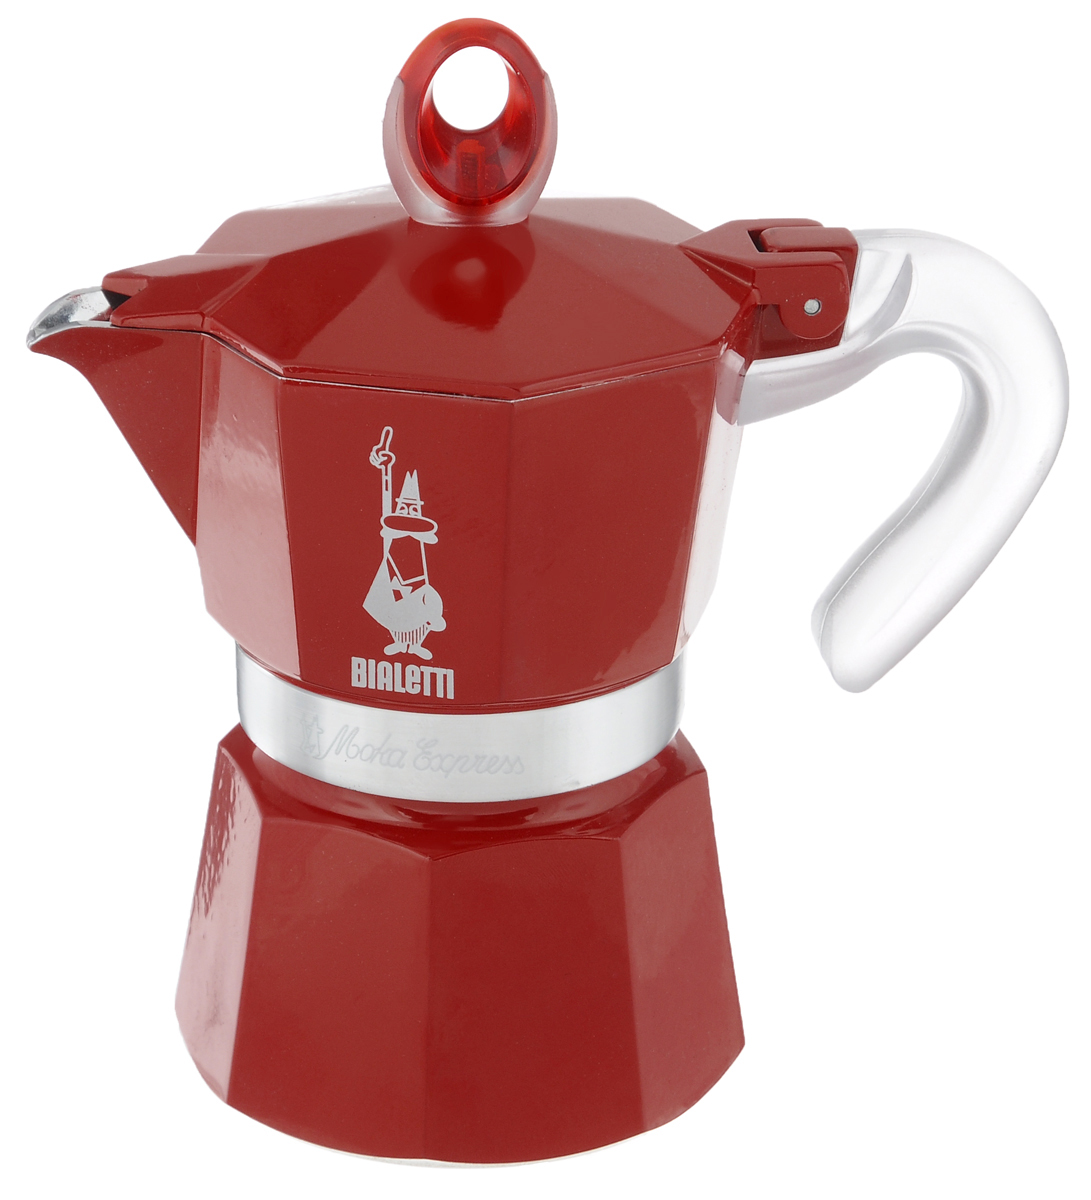 Кофеварка гейзерная Bialetti Moka Glossy, цвет: красный, на 3 чашки4332Компактная гейзерная кофеварка Bialetti Moka Glossy изготовлена из высококачественного алюминия. Объема кофе хватает на 3 чашки. Изделие оснащено удобной ручкой из пластика.Принцип работы такой гейзерной кофеварки - кофе заваривается путем многократного прохождения горячей воды или пара через слой молотого кофе. Удобство кофеварки в том, что вся кофейная гуща остается во внутренней емкости. Гейзерные кофеварки пользуются большой популярностью благодаря изысканному аромату. Кофе получается крепкий и насыщенный. Теперь и дома вы сможете насладиться великолепным эспрессо. Подходит для газовых, электрических и стеклокерамических плит. Нельзя мыть в посудомоечной машине. Высота (с учетом крышки): 17 см.